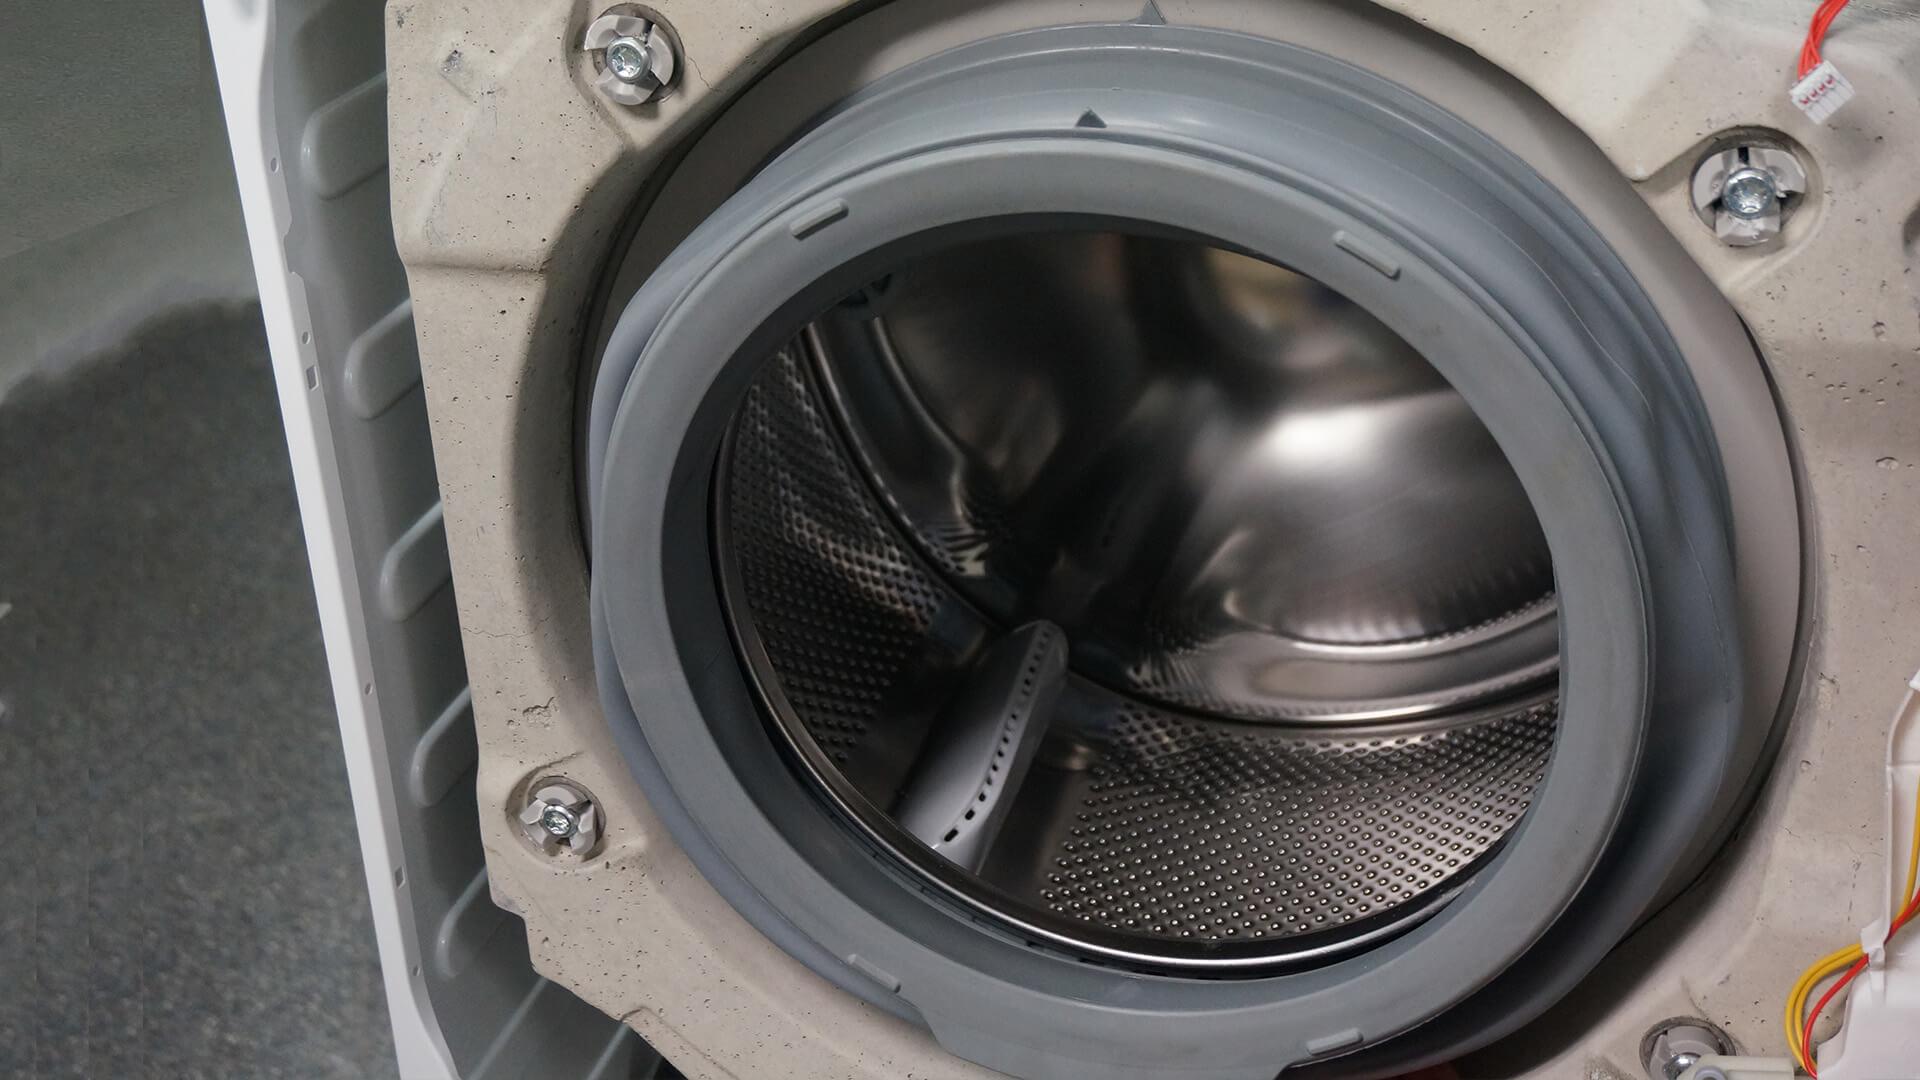 Aeg Kühlschrank Dichtung Wechseln : So wechseln sie die türmanschette u2013 s8airsoftgames